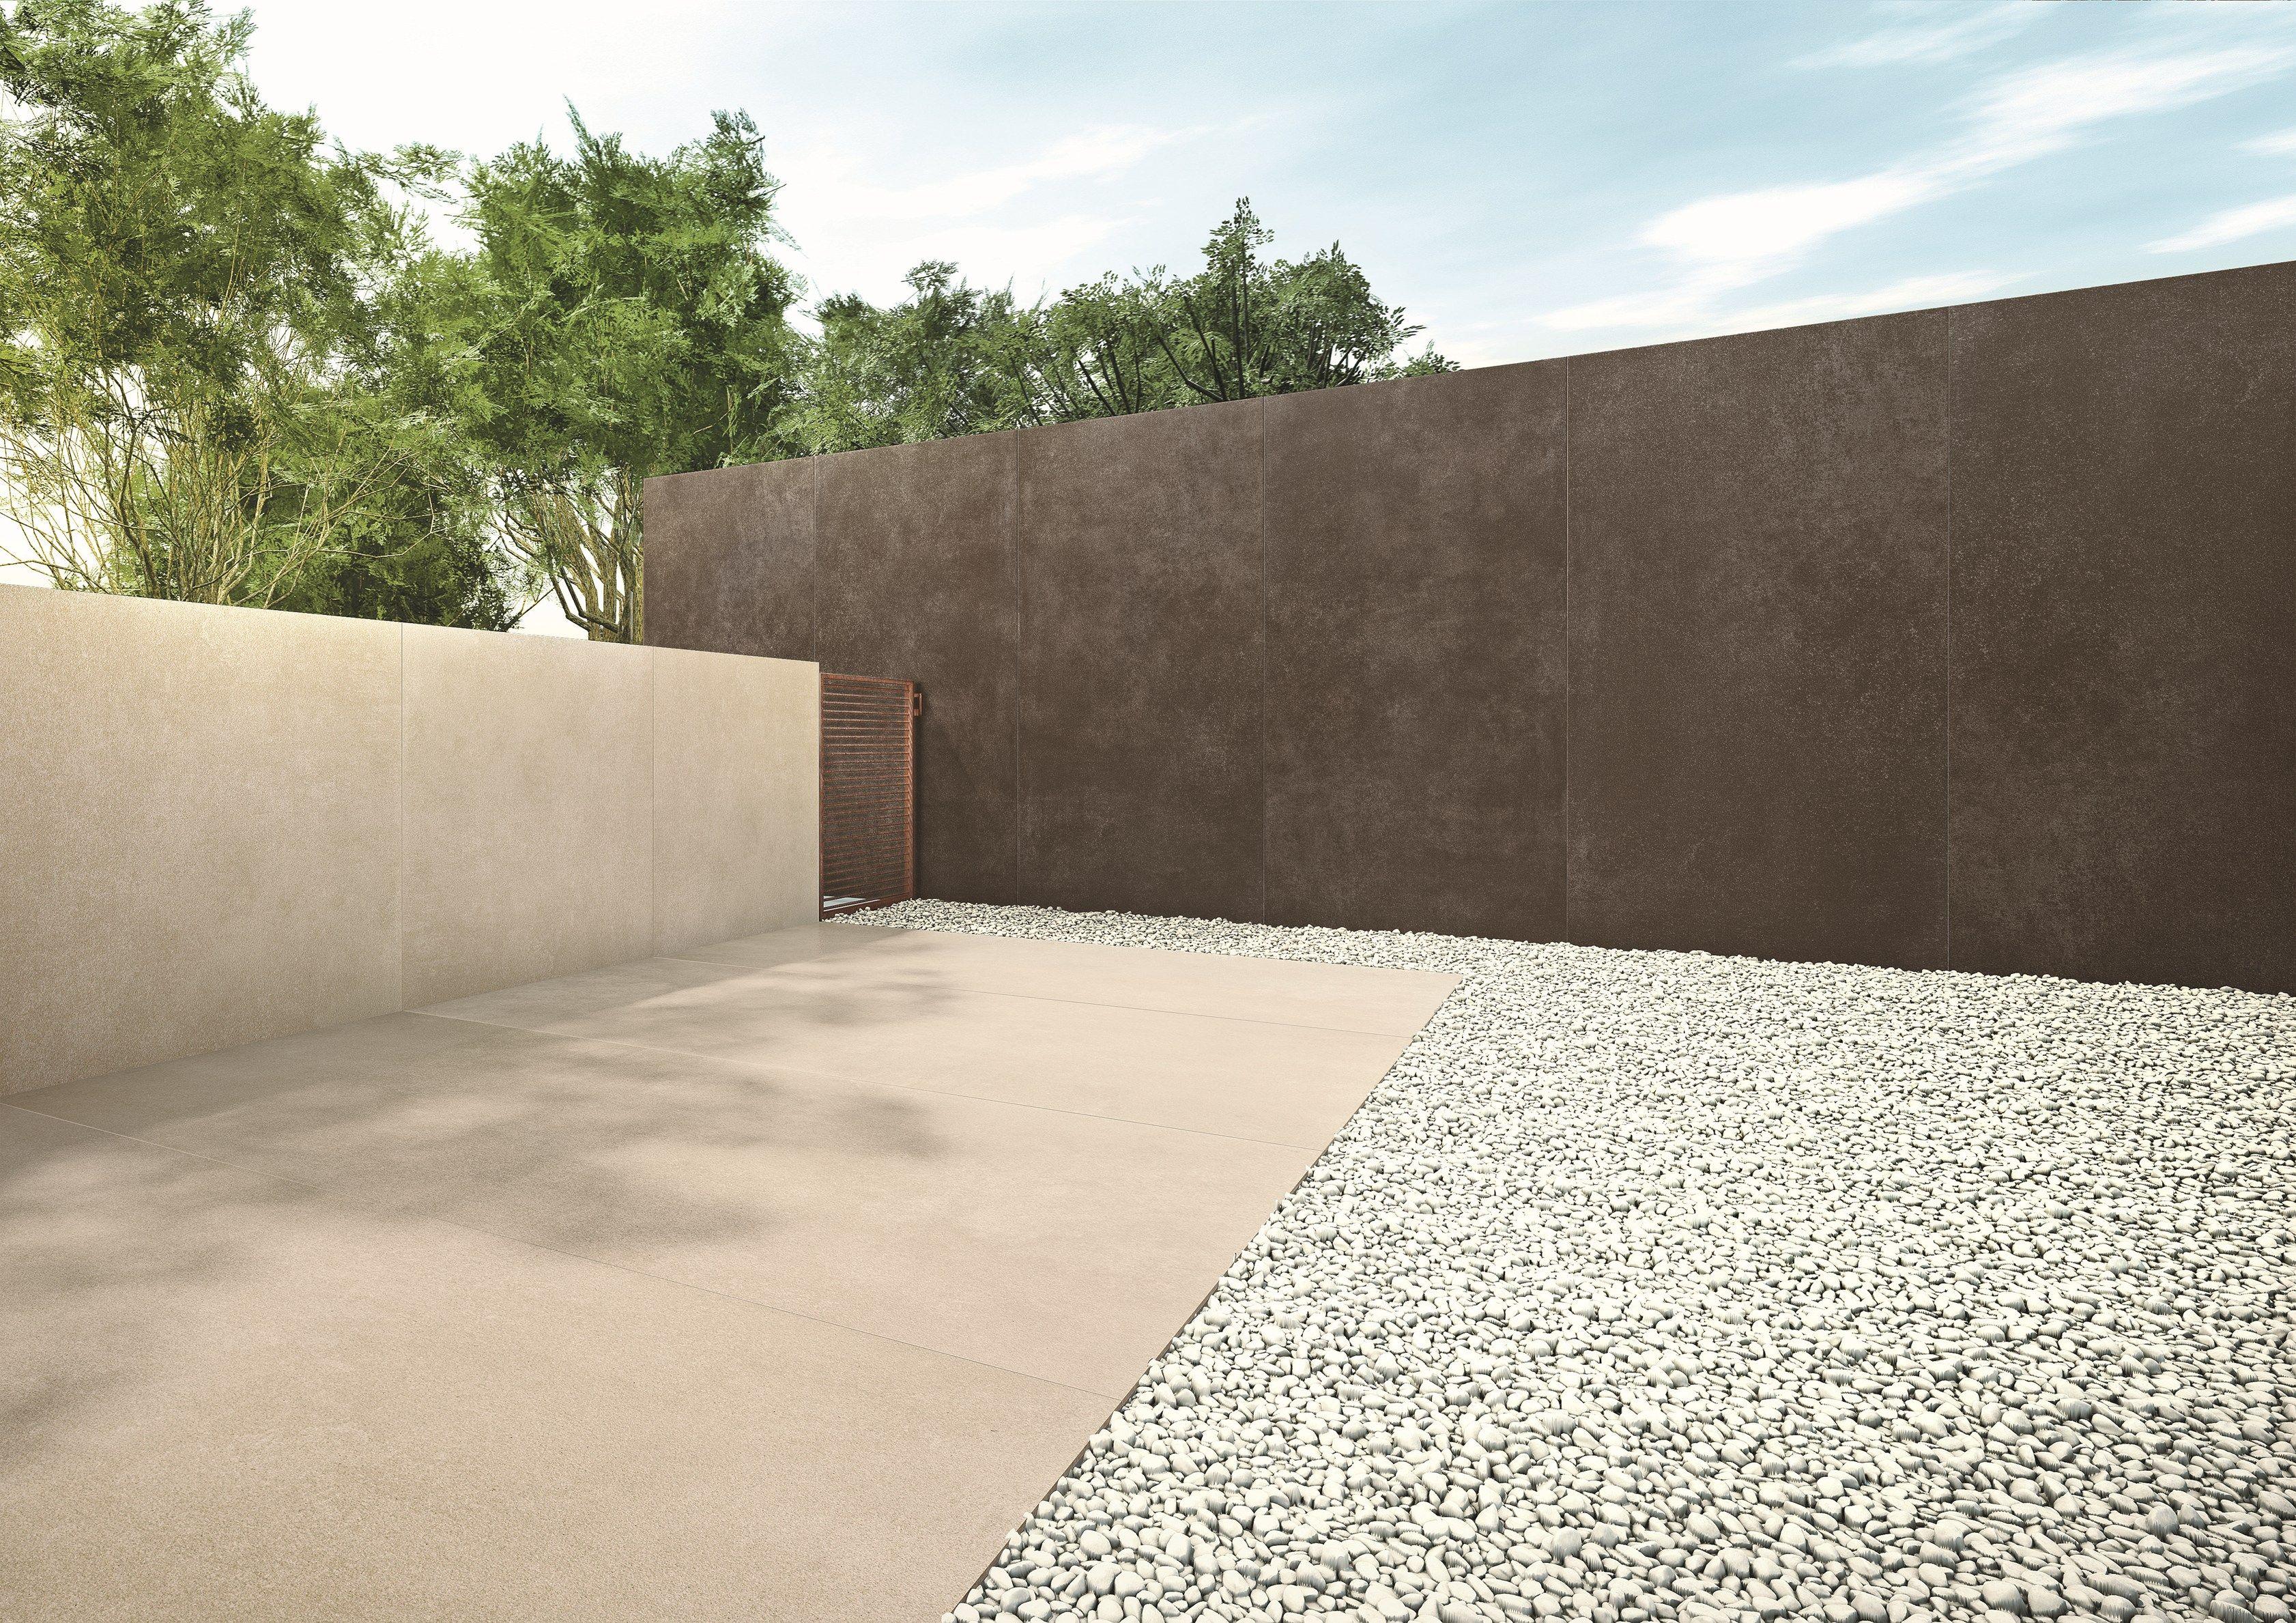 Pavimento esterno cemento: pavimenti in cemento puglia. pavimenti ...